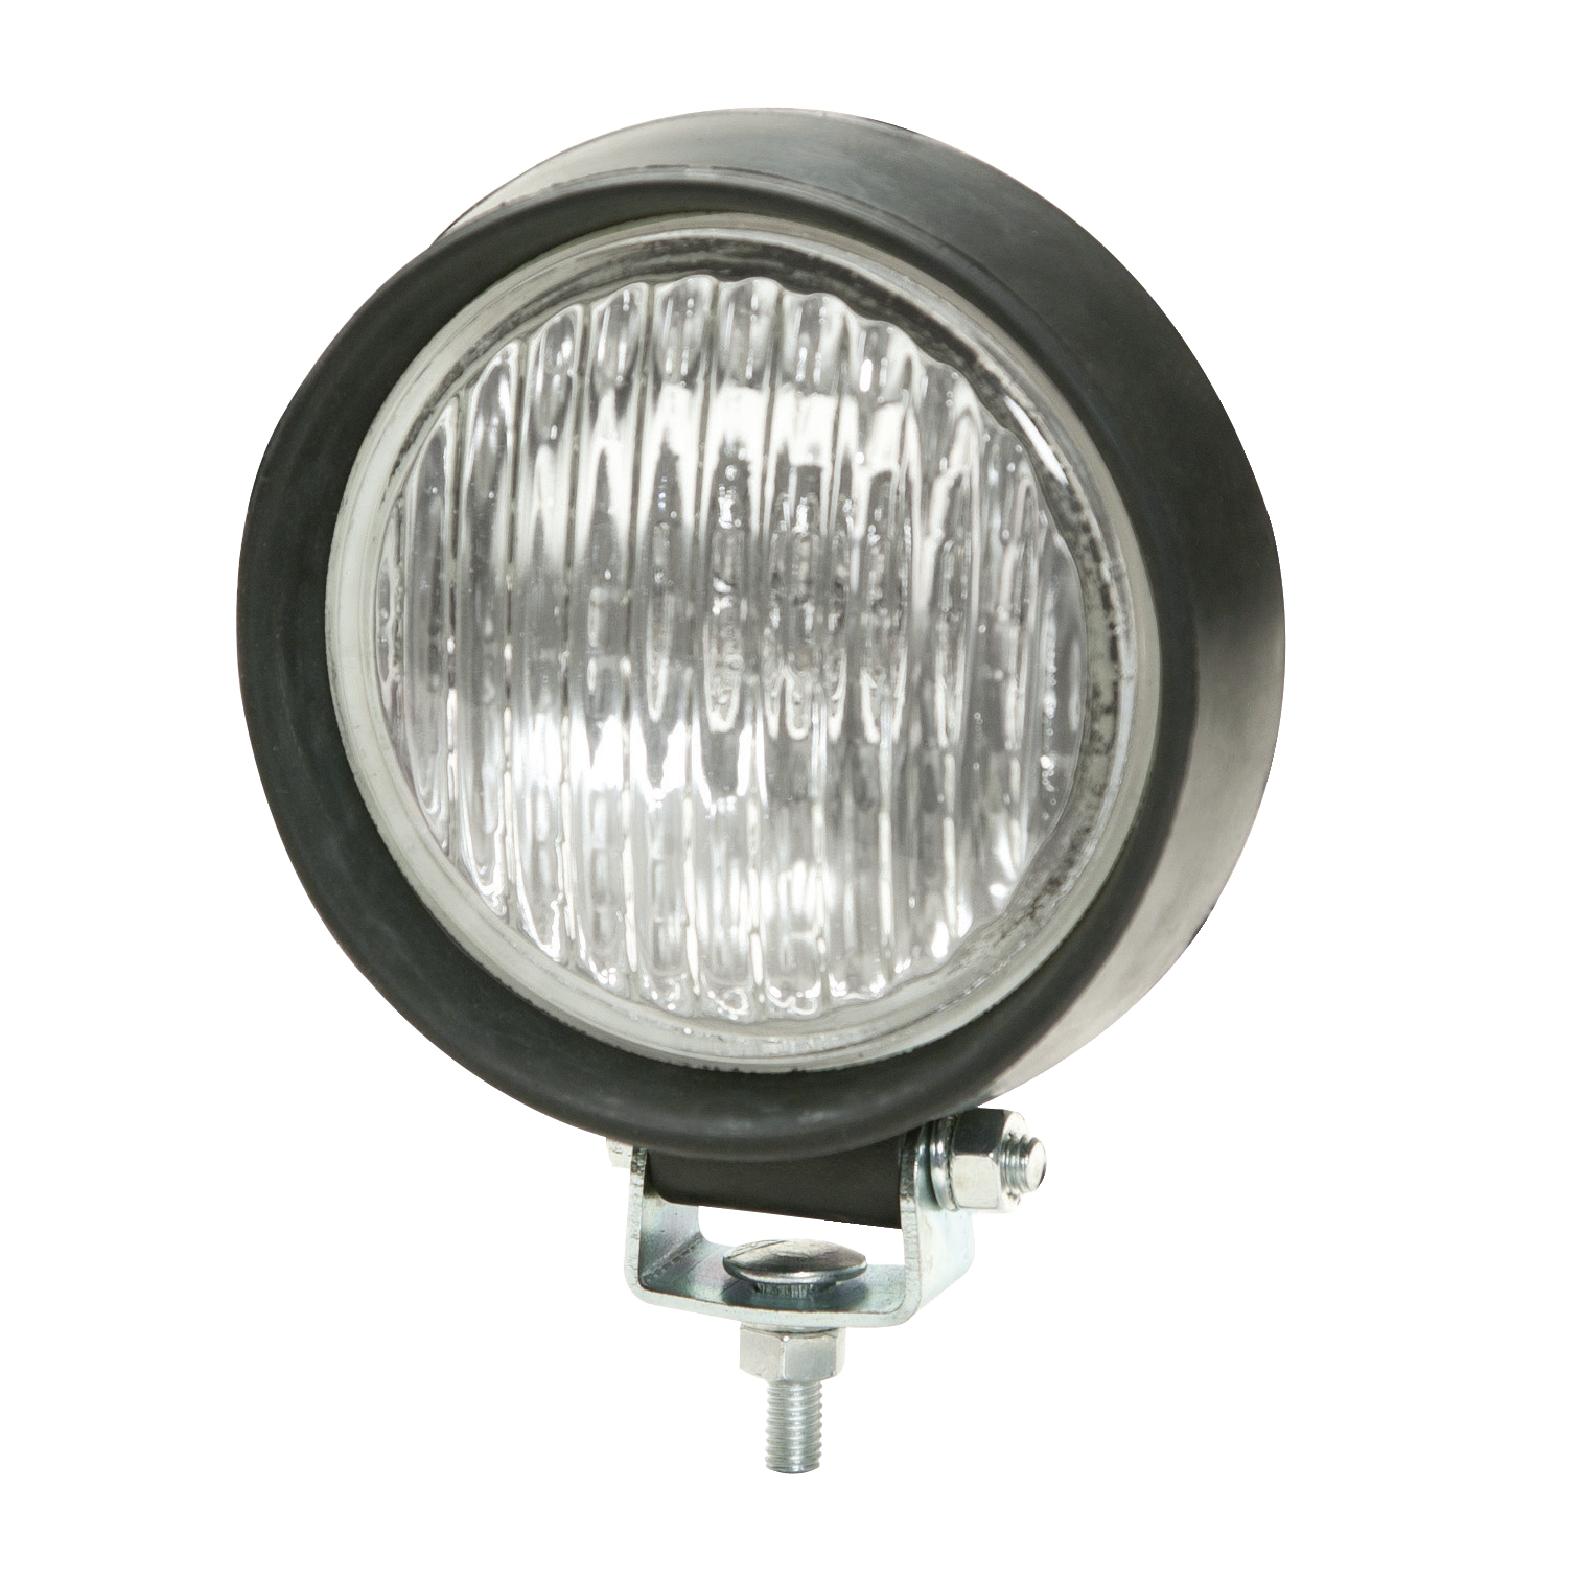 Work Lamp Halogen Flood 12v Par 36 Products Work Lamp Ceiling Lights Lighting